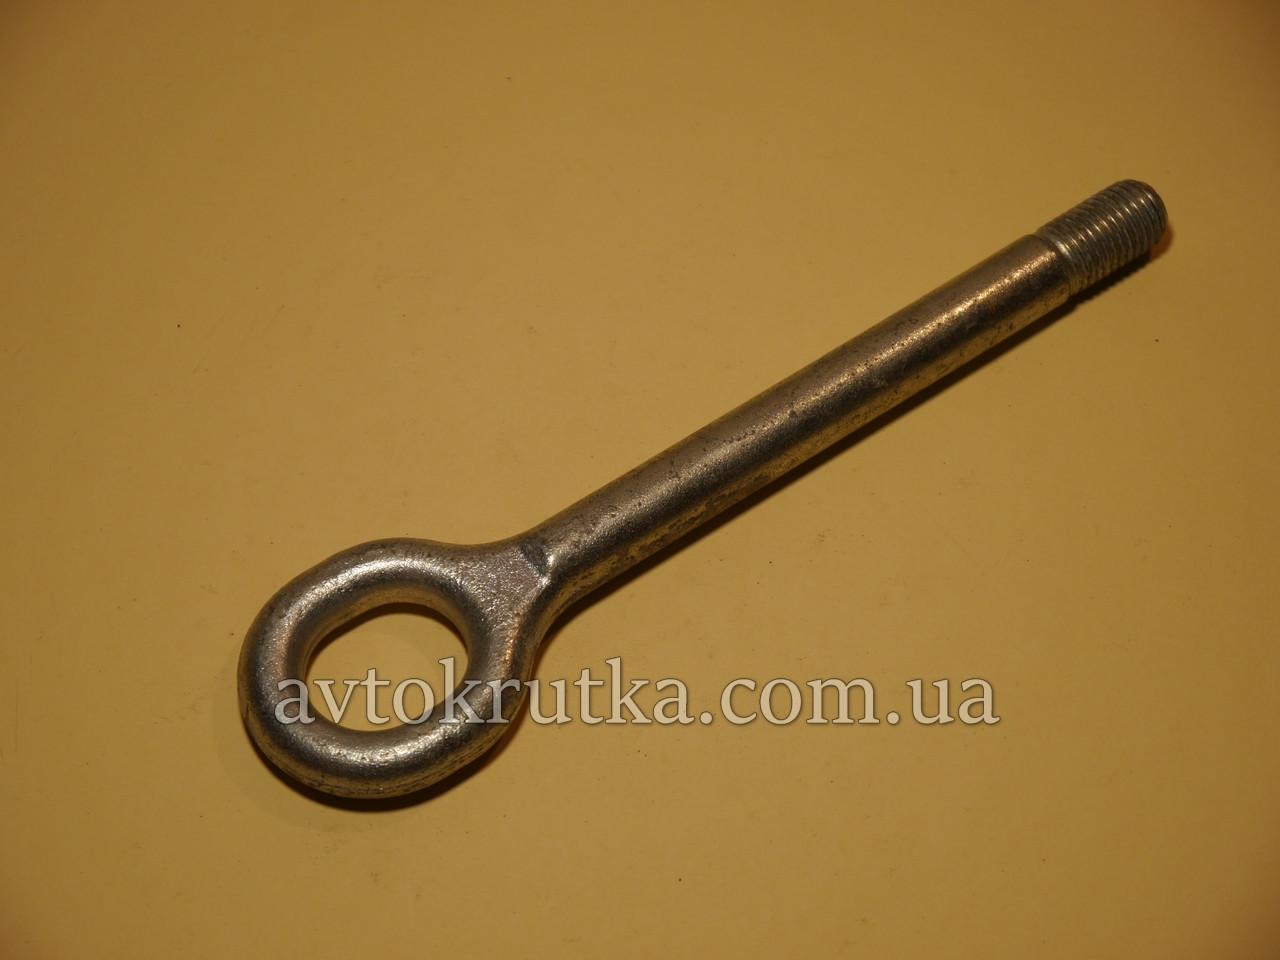 Буксировочный крюк Fiat Punto (Фиат Пунто) 51873726